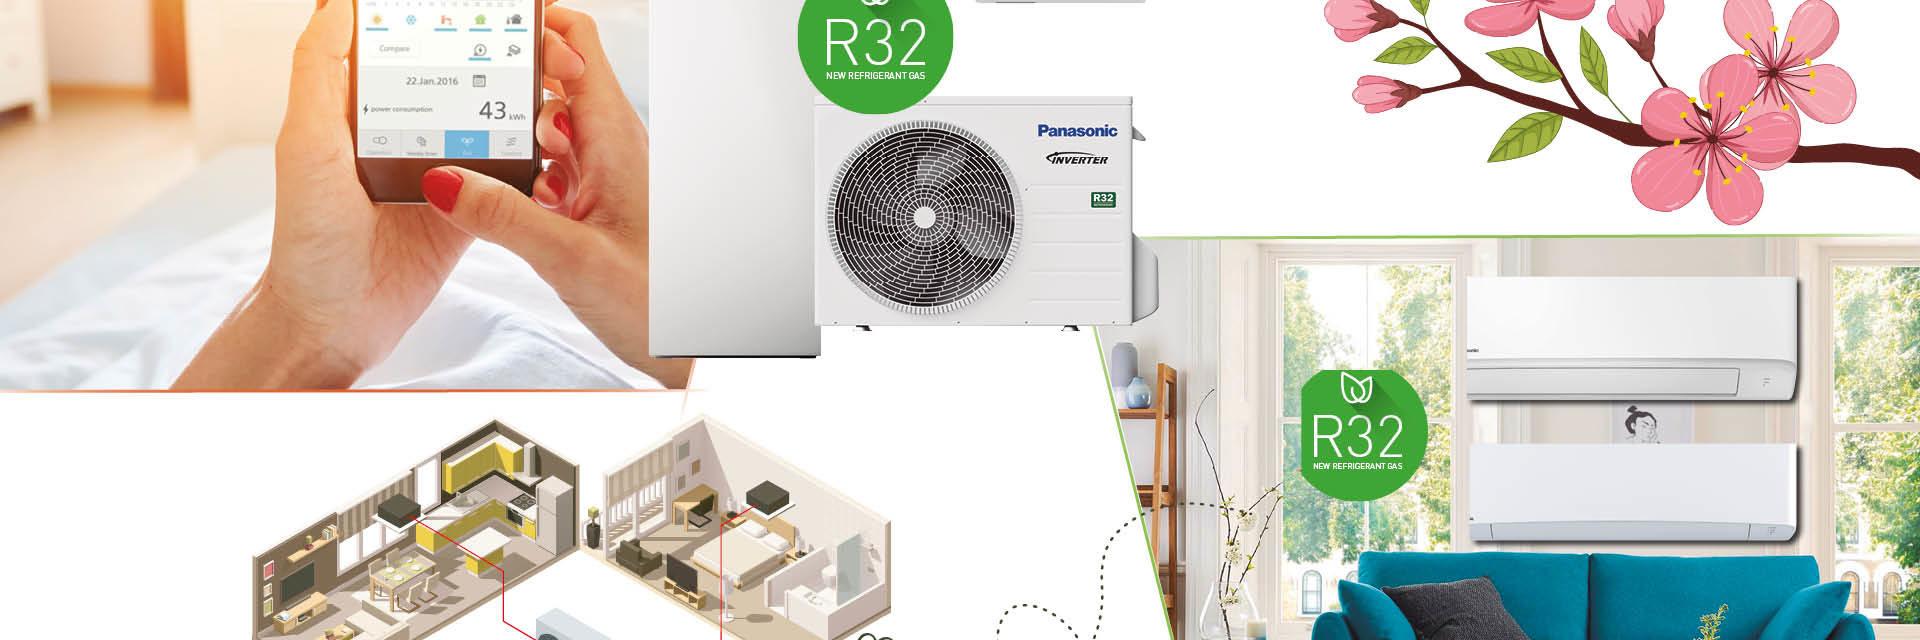 Panasonic warmtepompen voorjaarsactie